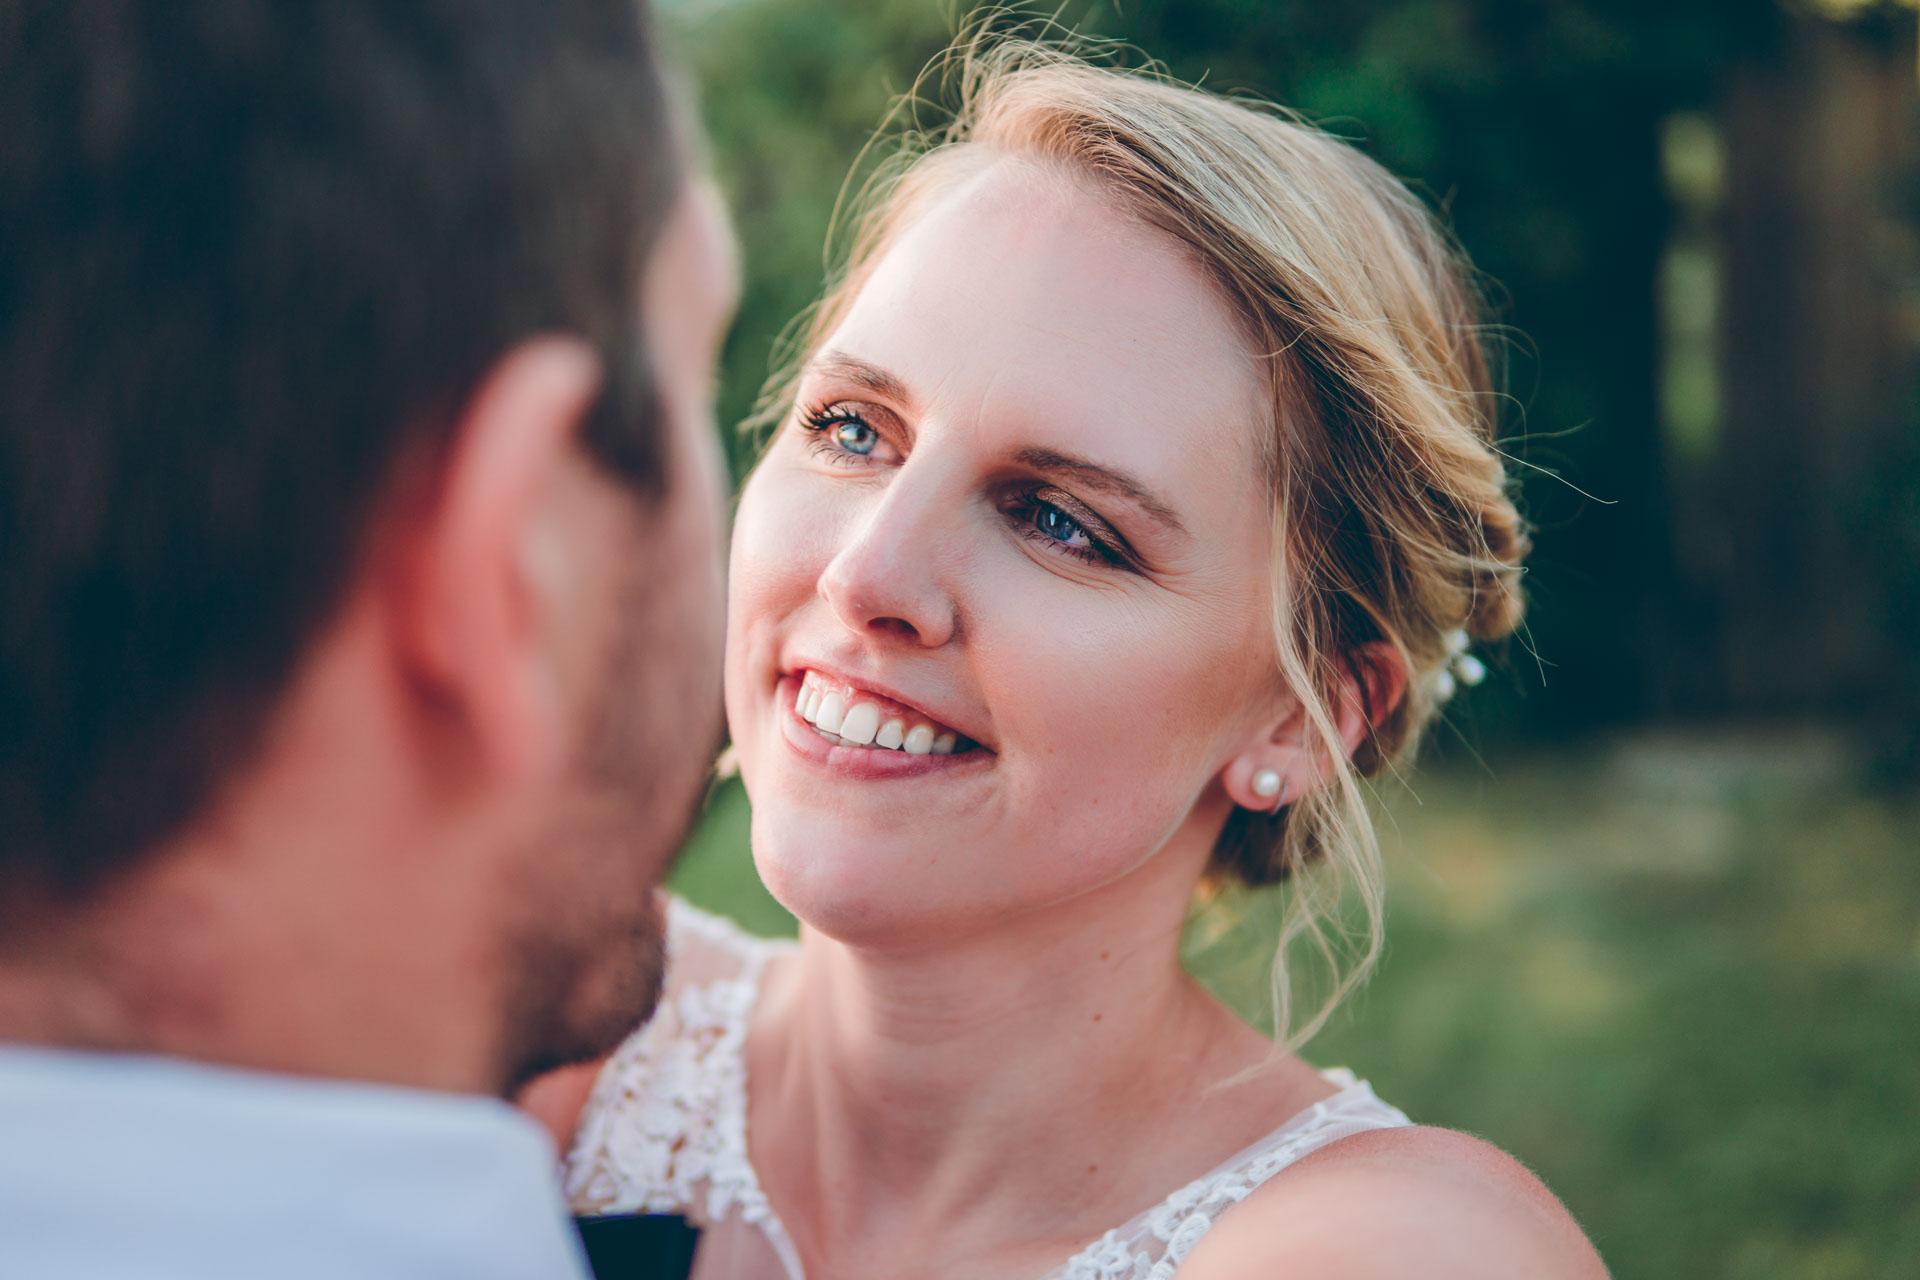 Natürliches Hochzeitsbild eines jungen Hochzeitspaars